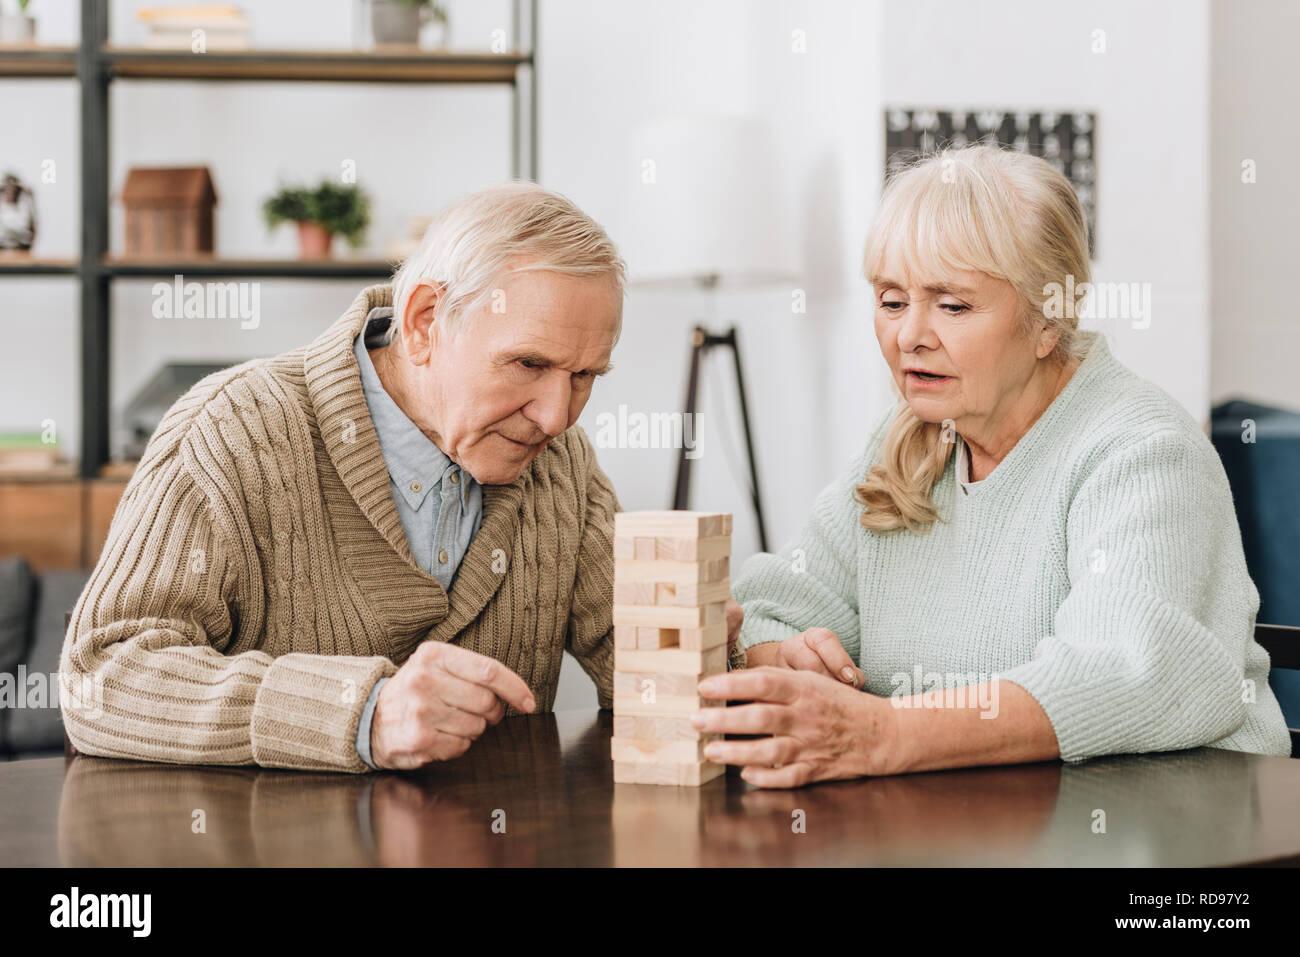 Coppia senior giocando con dei blocchi di legno a casa Foto Stock